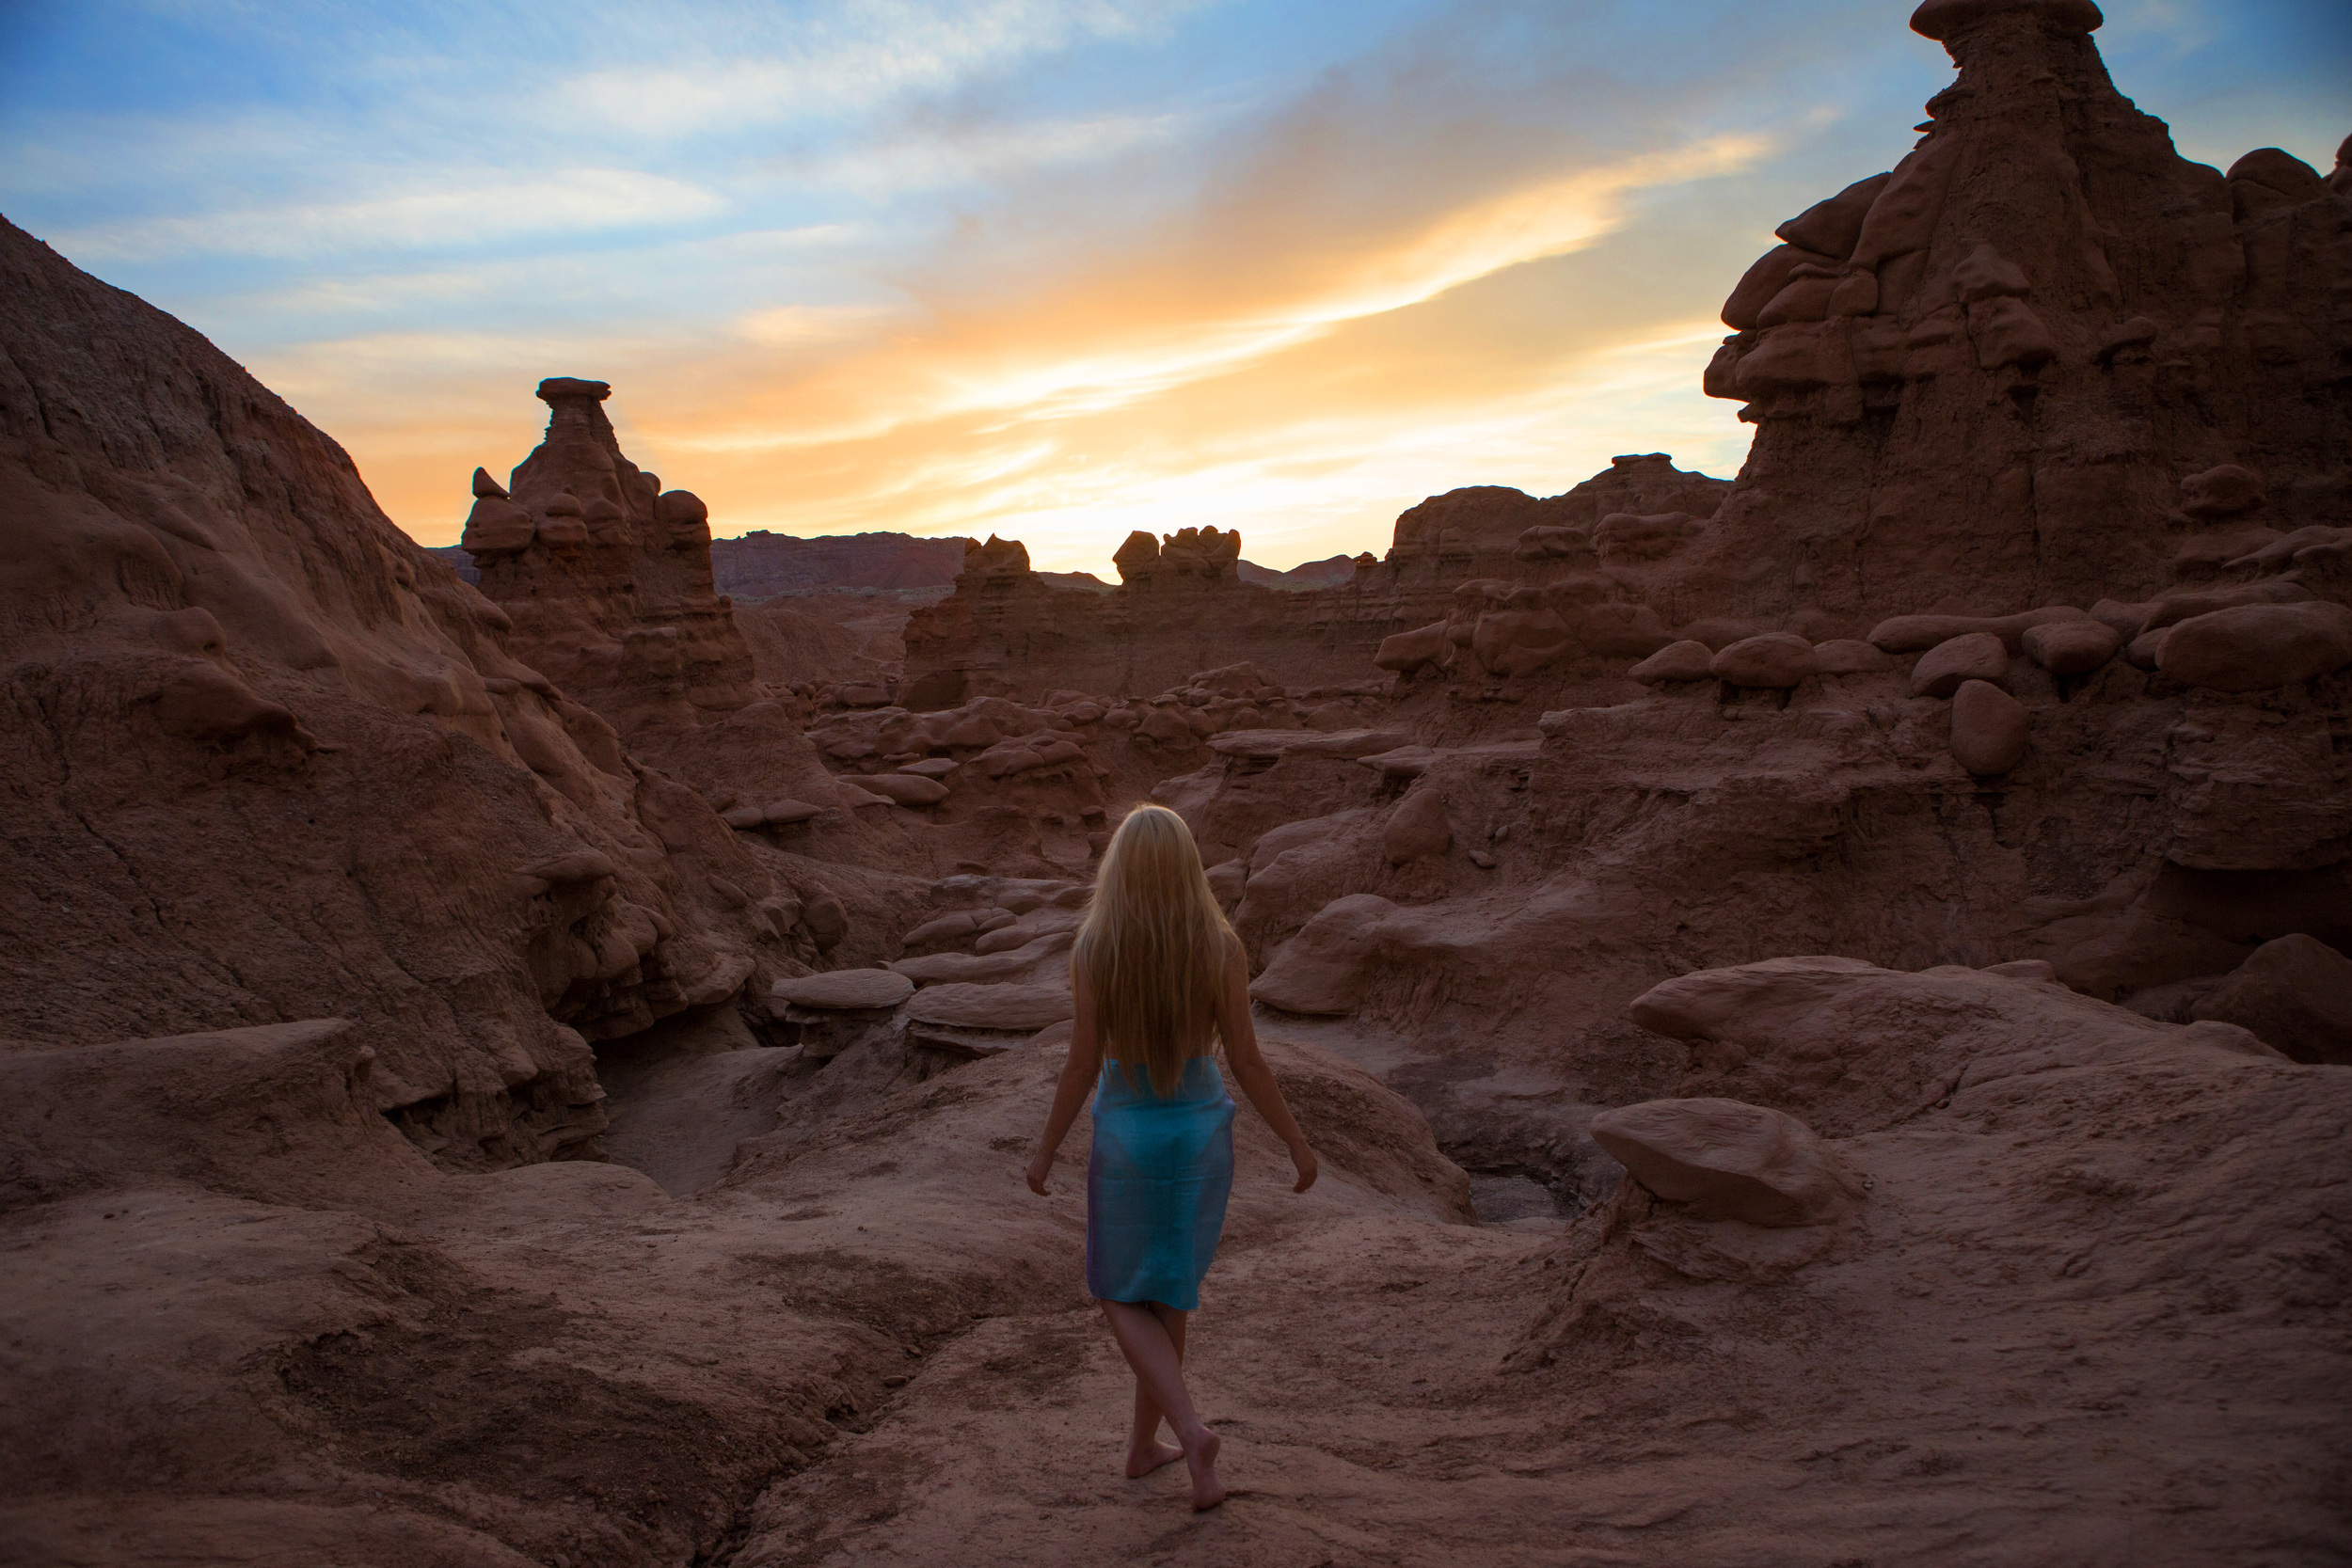 JordanRose_AstroBandit_GoblinValley_Sunset_5.jpg